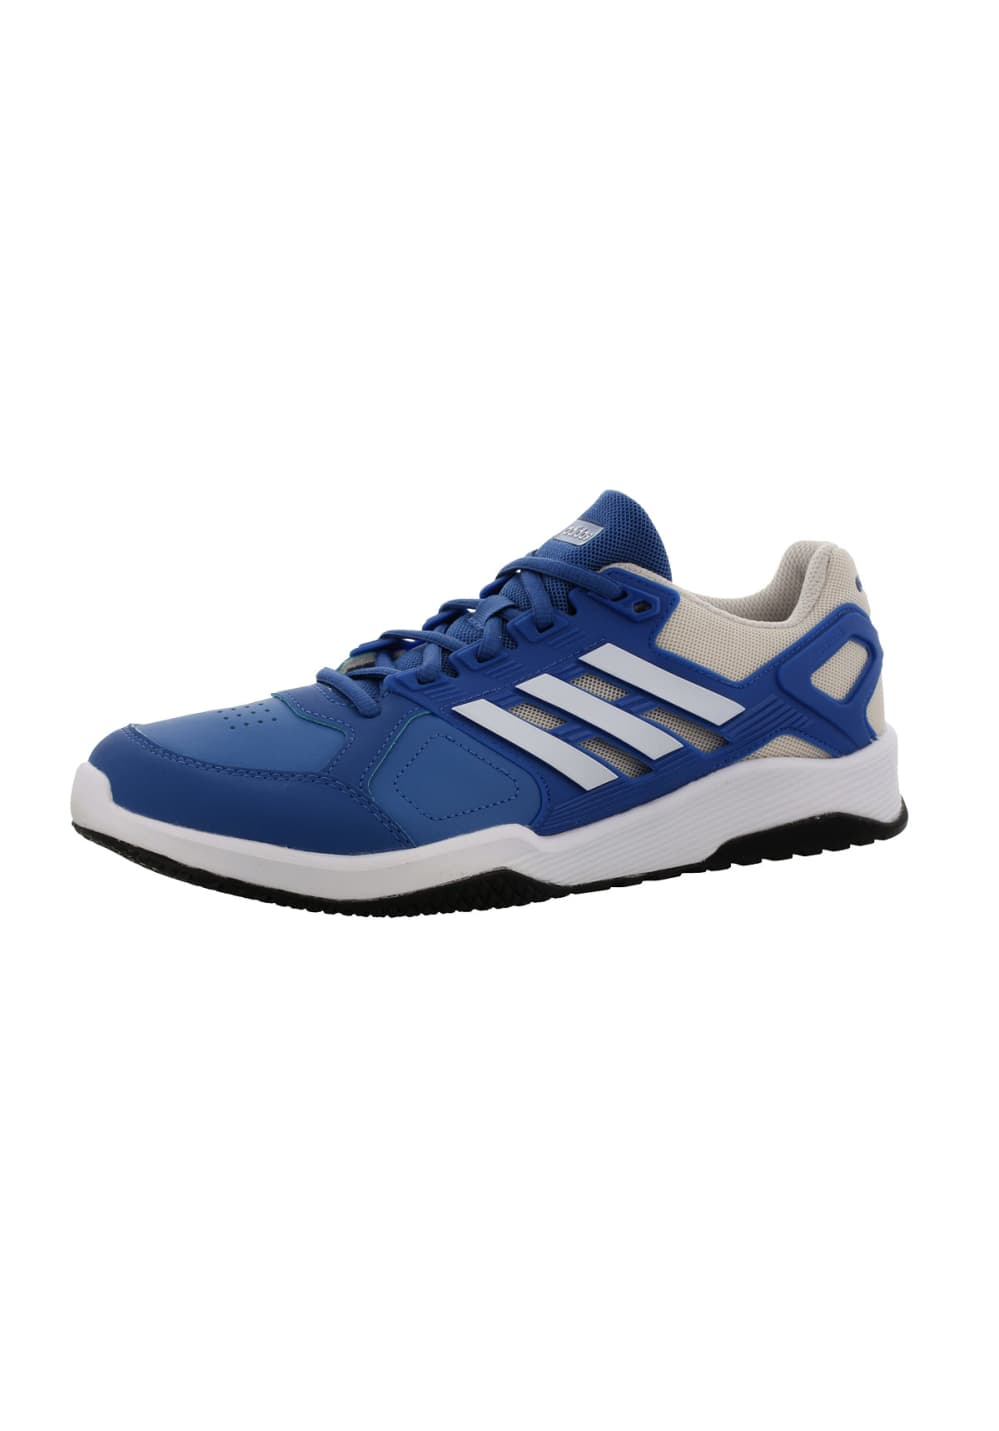 online retailer fa7b2 464e3 adidas Duramo 8 Trainer - Zapatillas de fitness para Hombre